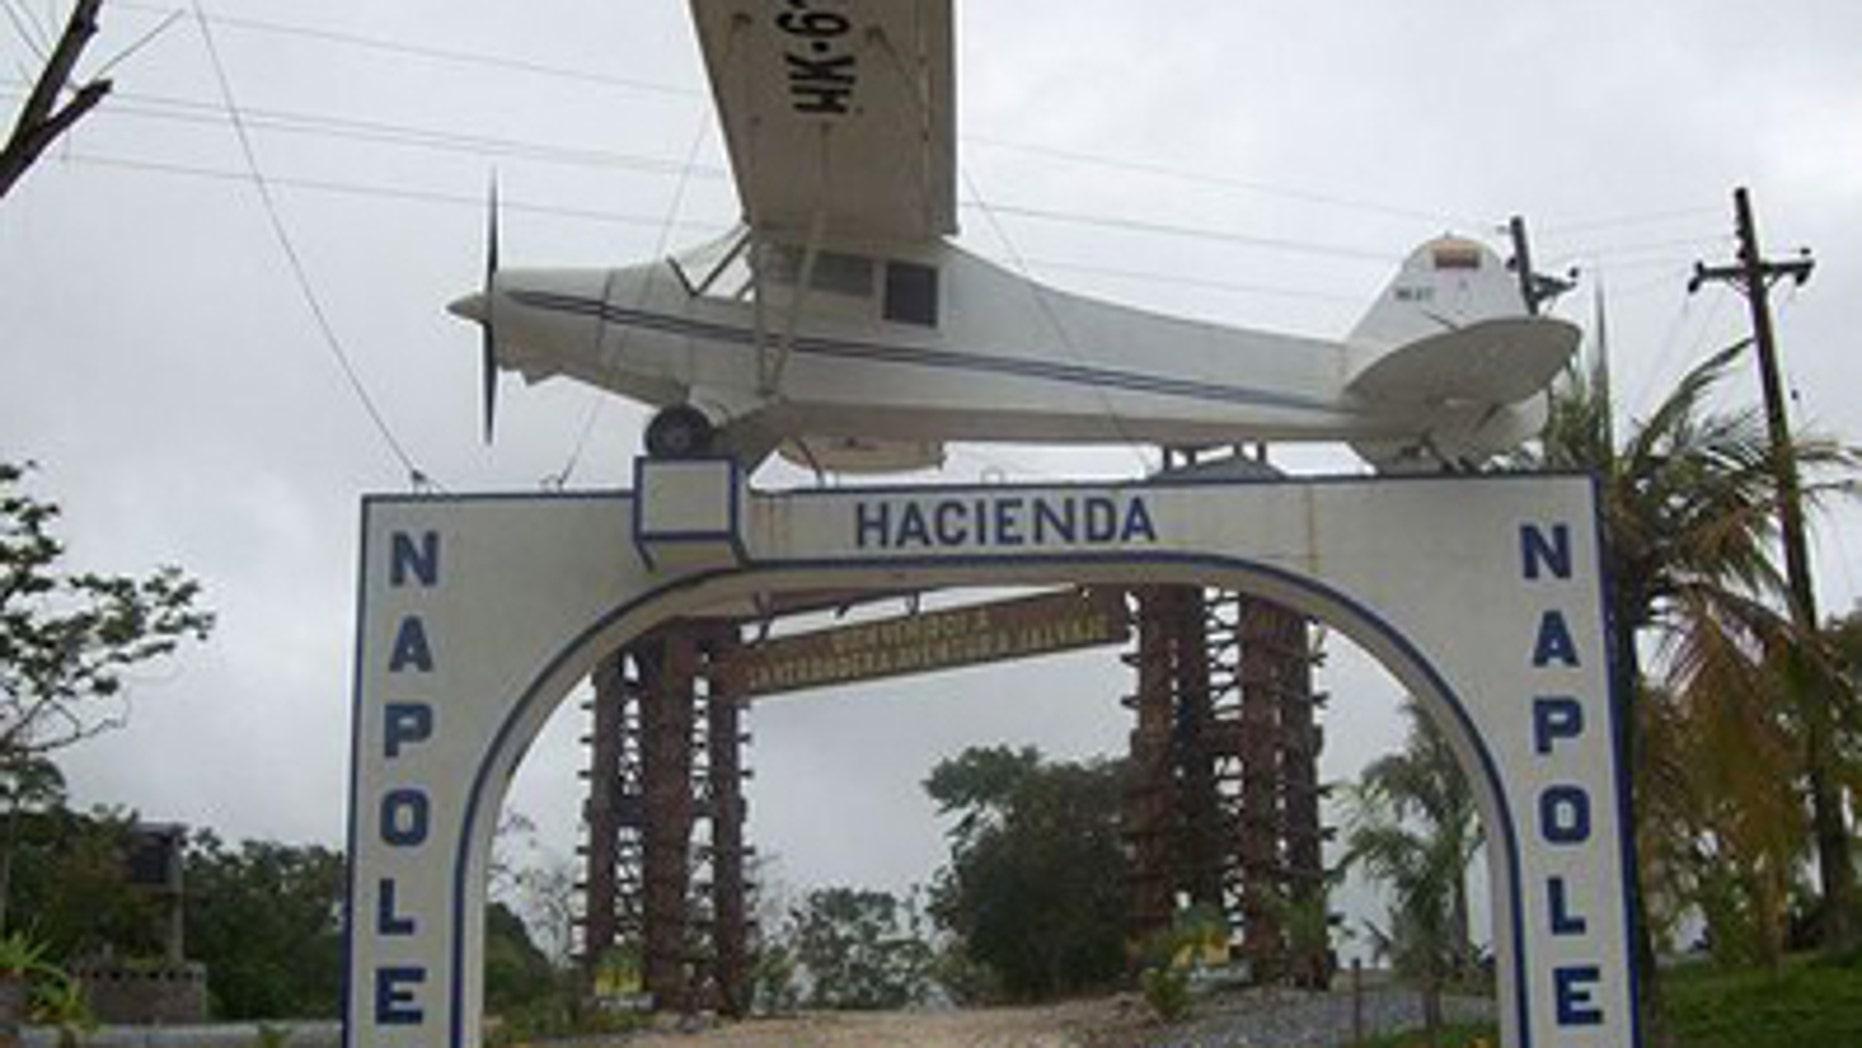 Pablo Escobar's First Drug-Running Plane